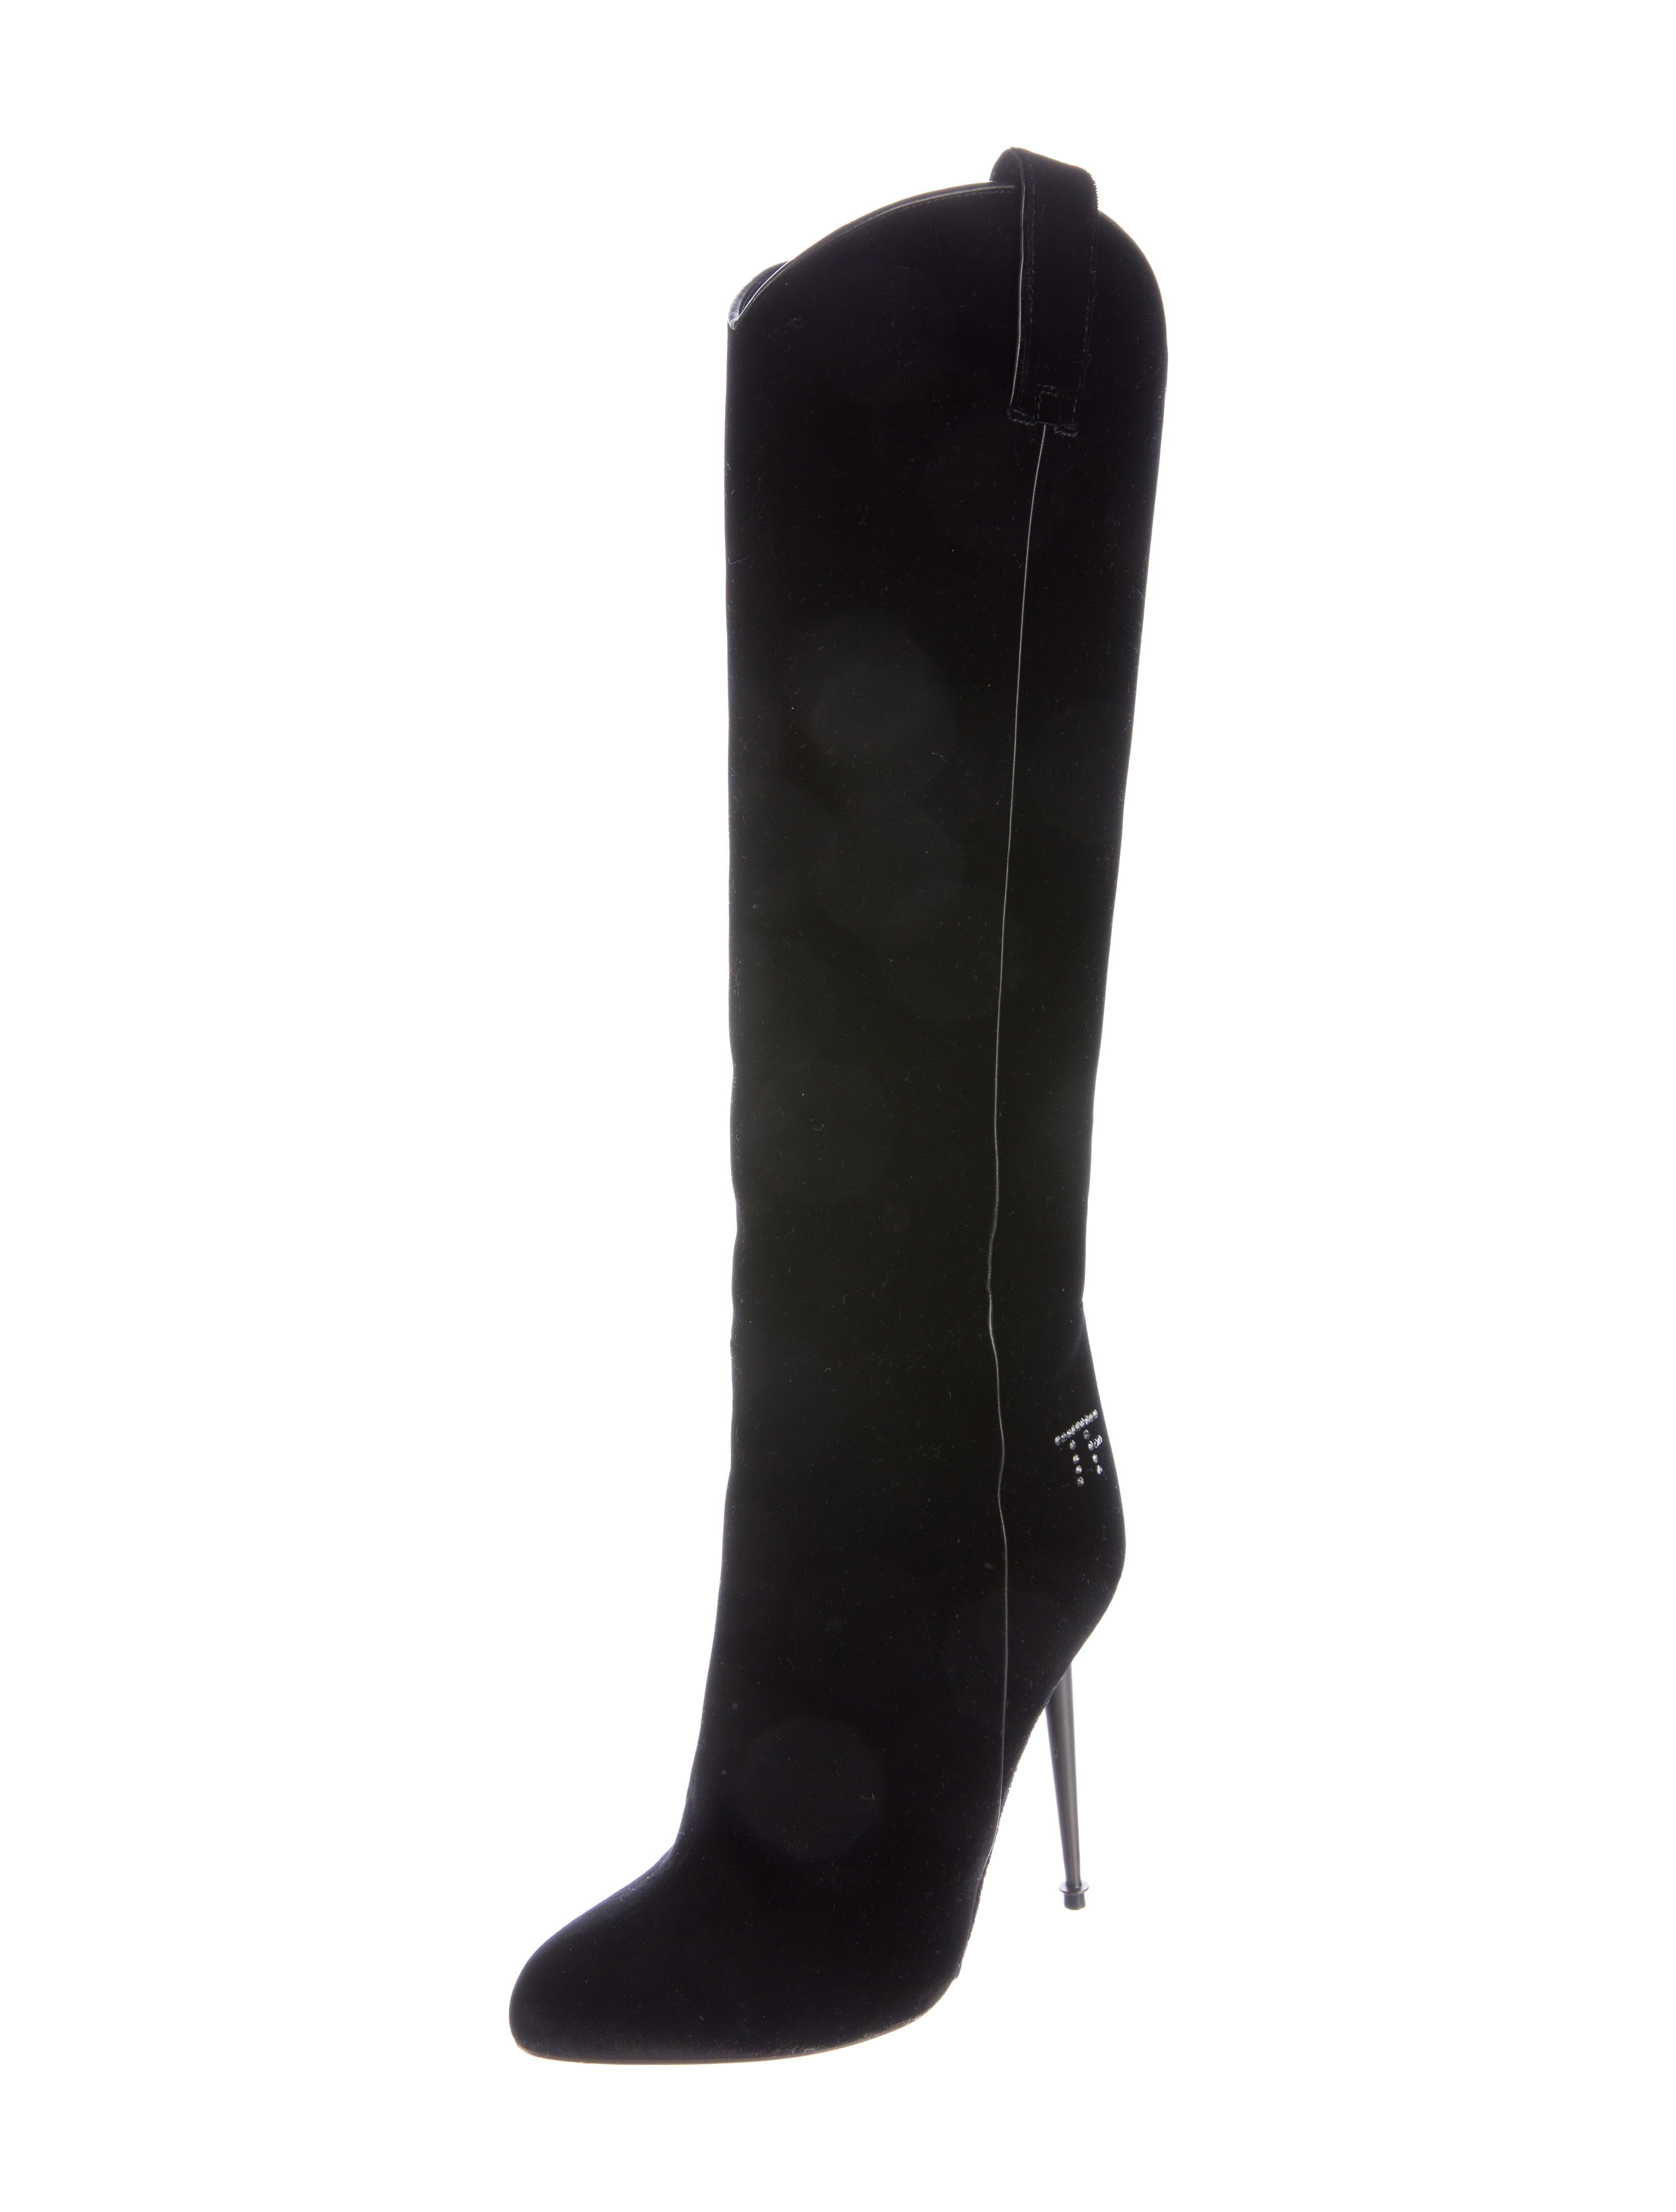 tom ford velvet knee high boots shoes tom35546 the